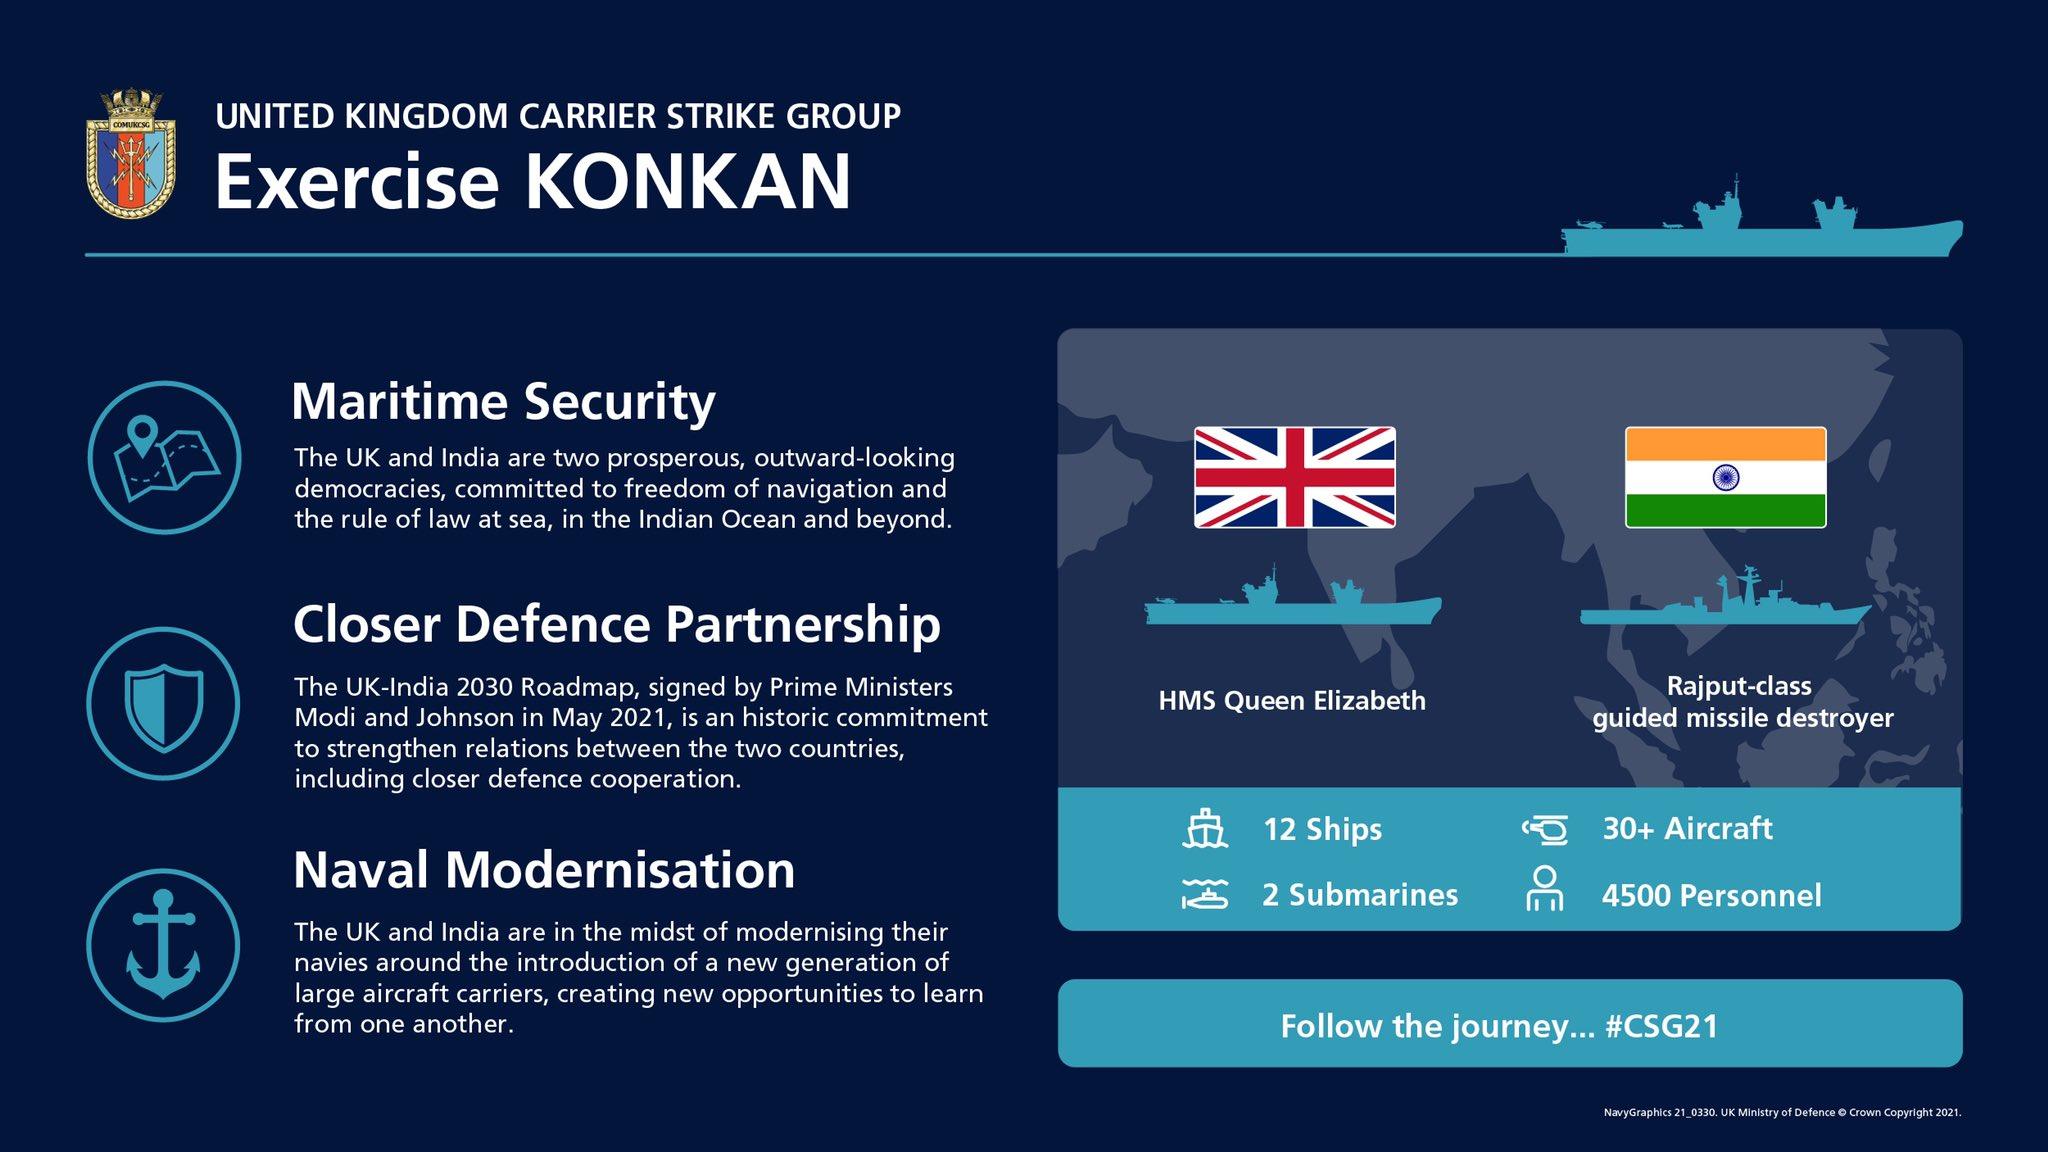 英國海軍發布的演習示意圖